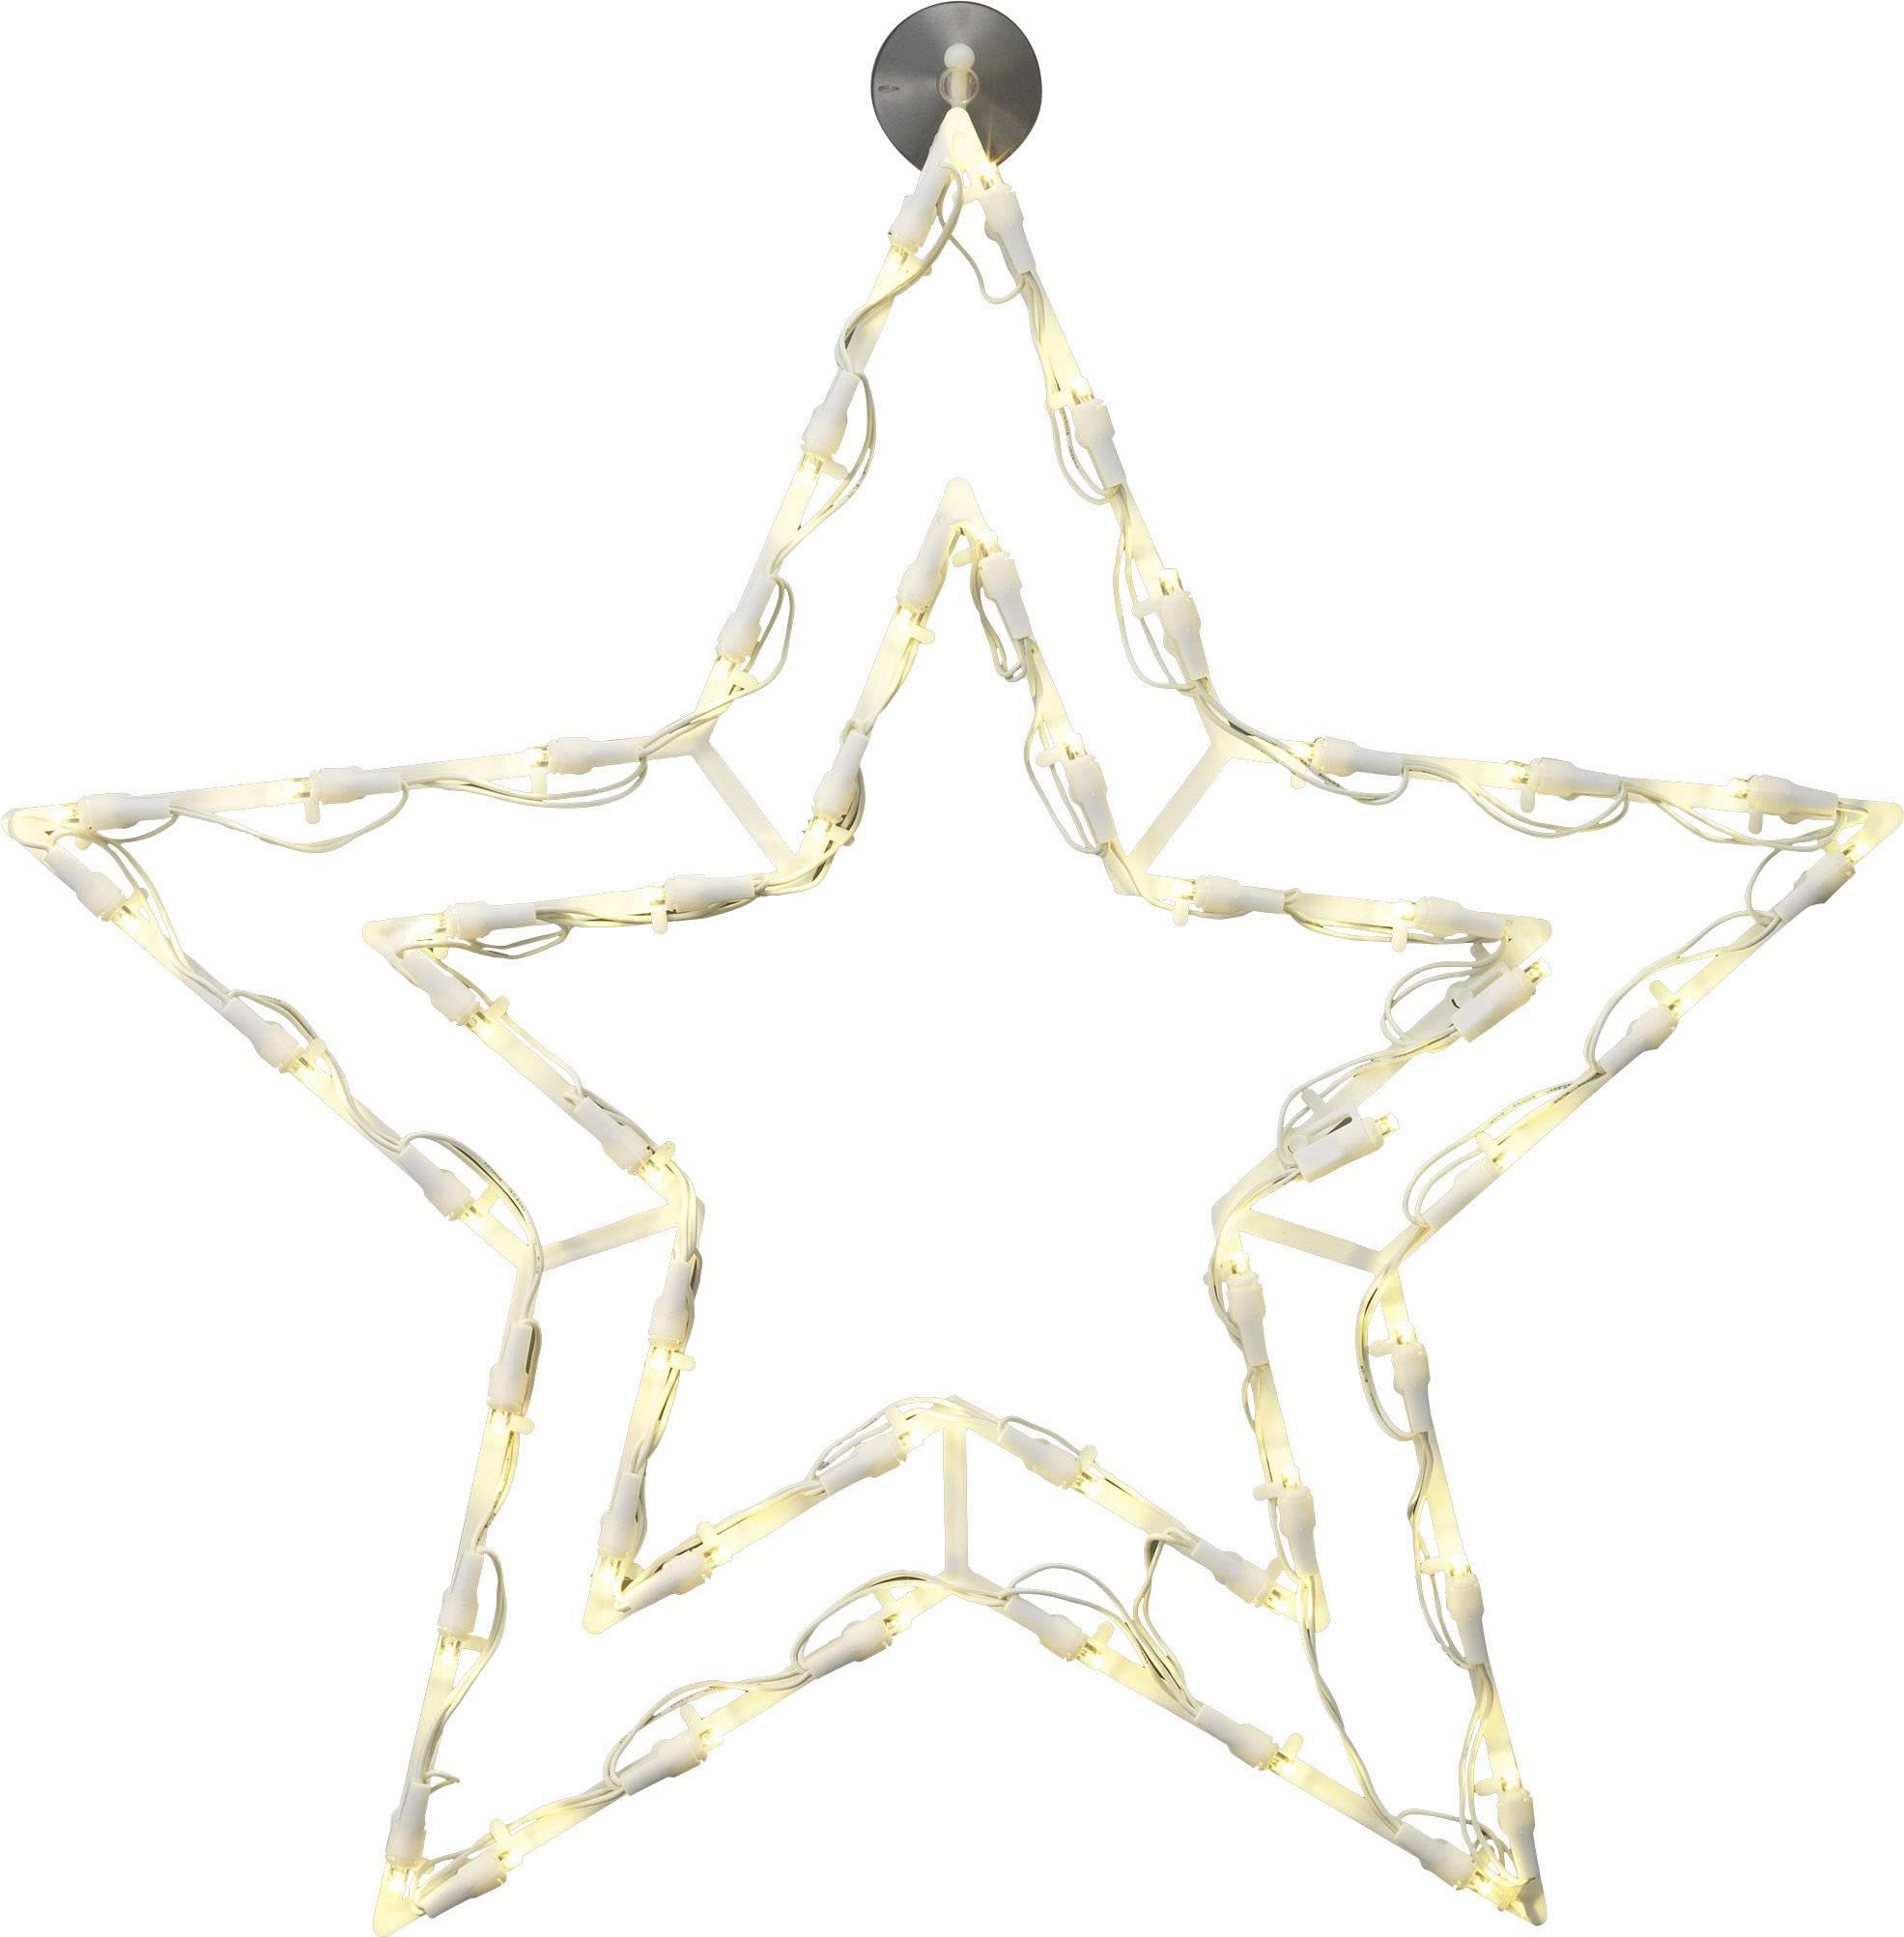 LED osvetlenie do okna Polarlite LDE-02-008, do siete, veľká hviezda